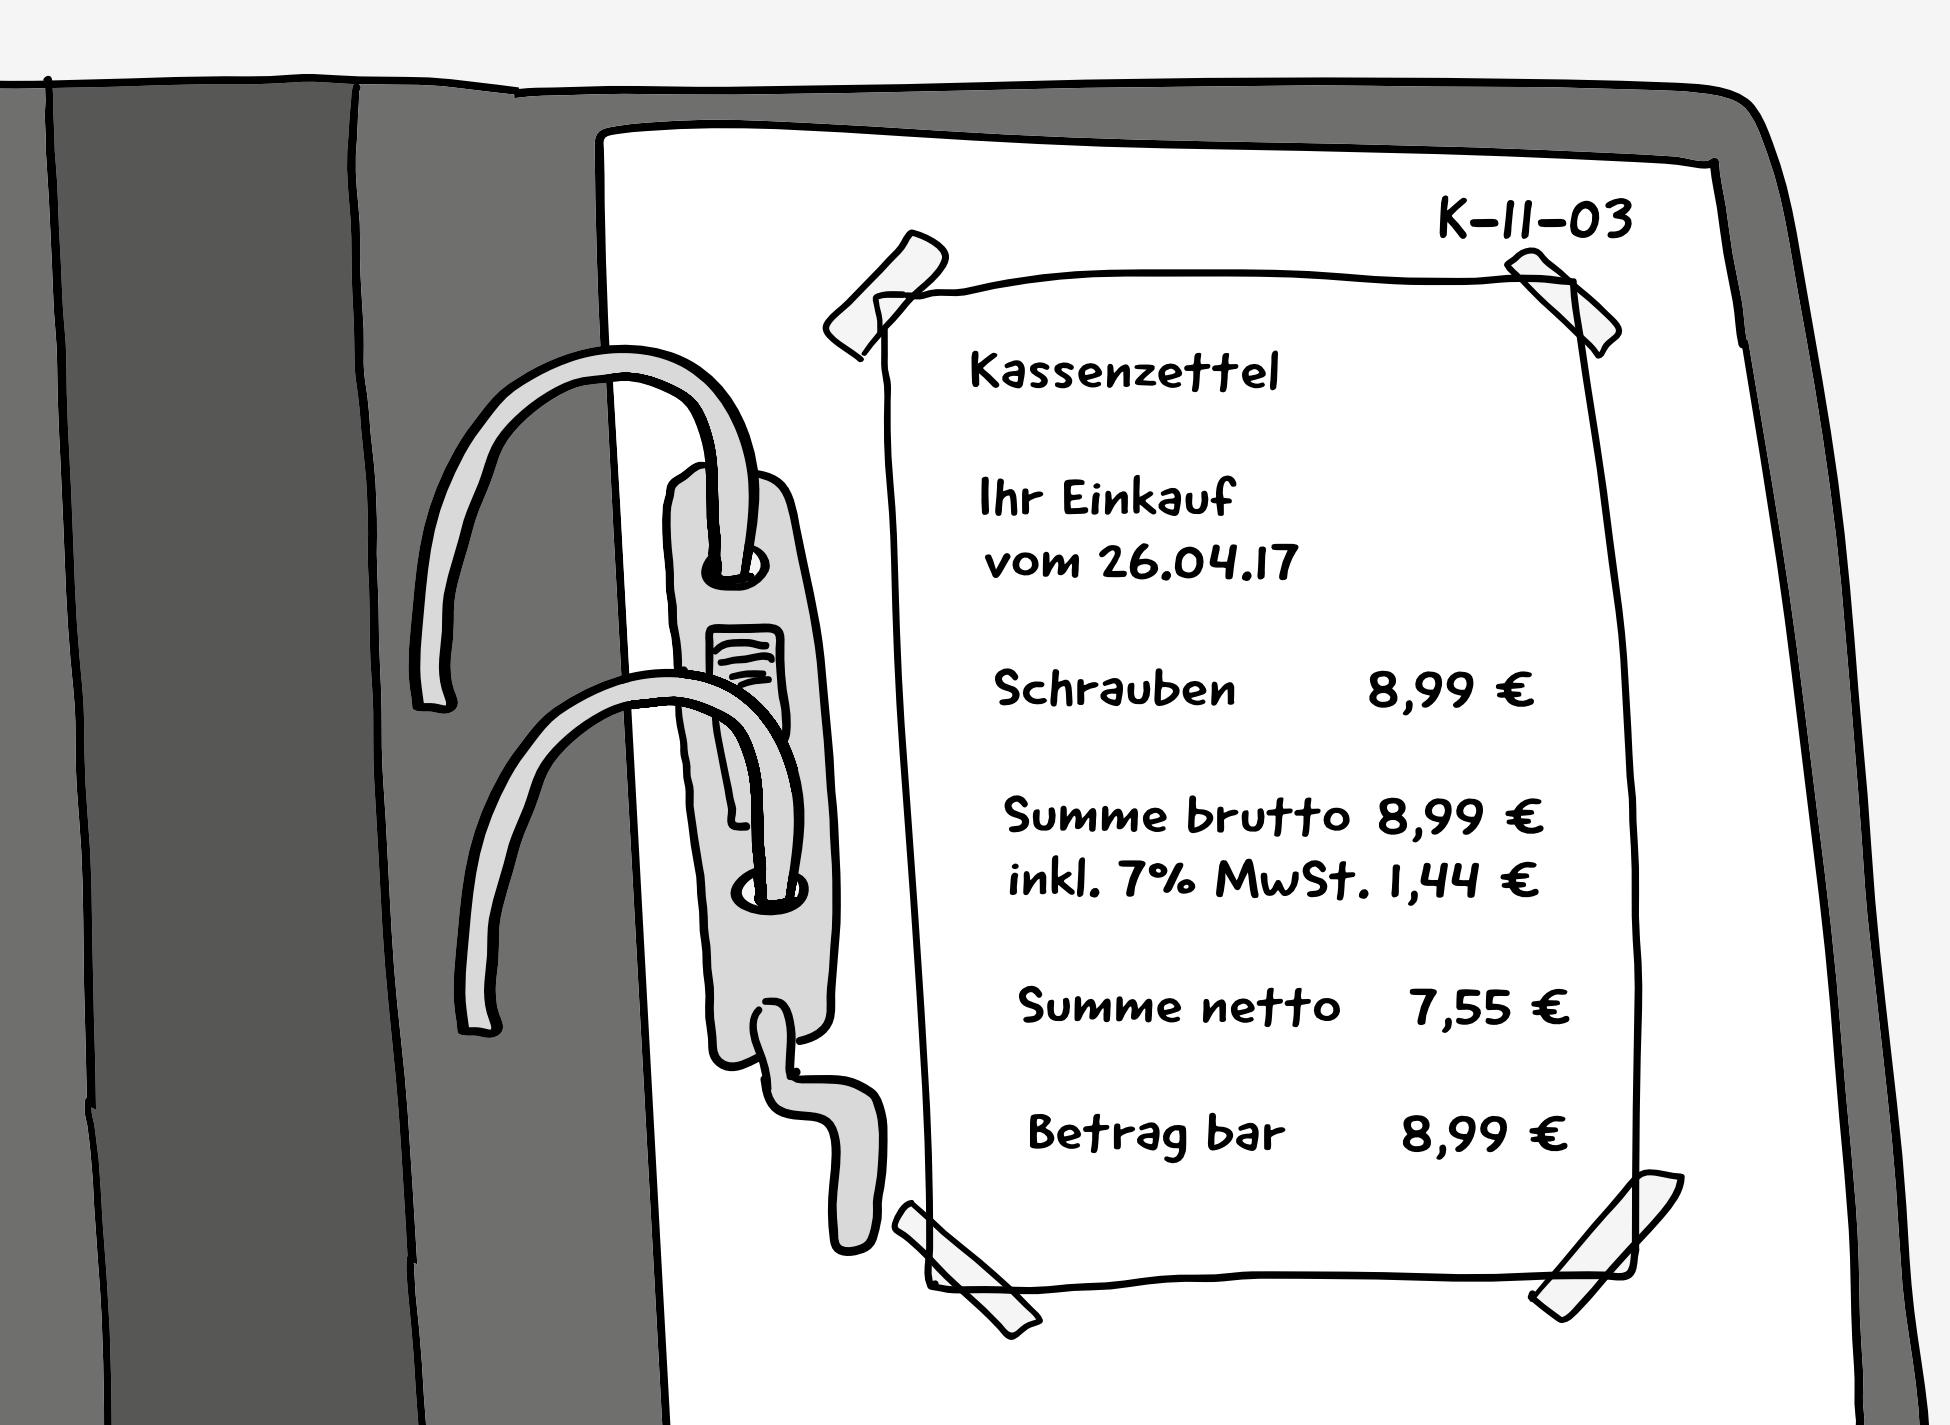 Eine Detail-Darstellung von einem aufgeklappten Akten-Ordner. Auf dem obersten Blatt ist ein Kassenzettel ordentlich mit Klebe-Streifen befestigt. Daneben steht die Beleg-Nummer: K-11-03. Auf dem Kassenzettel steht: Ihr Einkauf vom 26.04.17, Schrauben 8,99 €, Summe brutto 8,99 €, inkl. 7% MwSt. 1,44 €, Summe netto 7,55 €, Betrag bar 8,99 €.